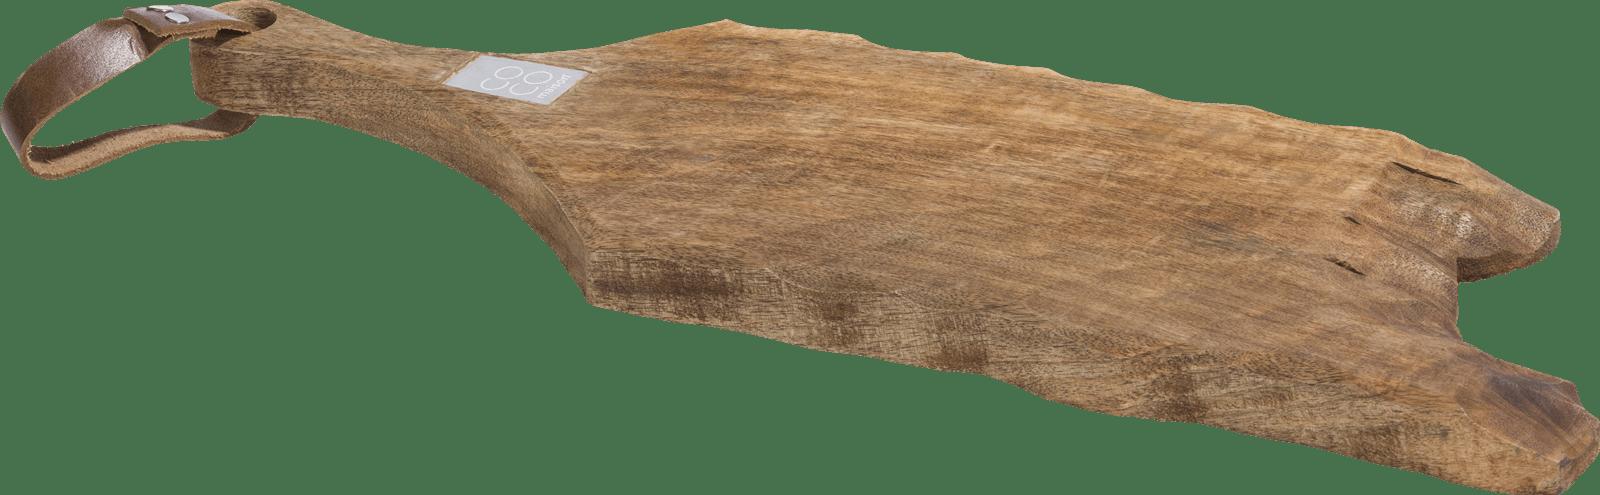 XOOON - Coco Maison - manilla chopping board 20x64cm